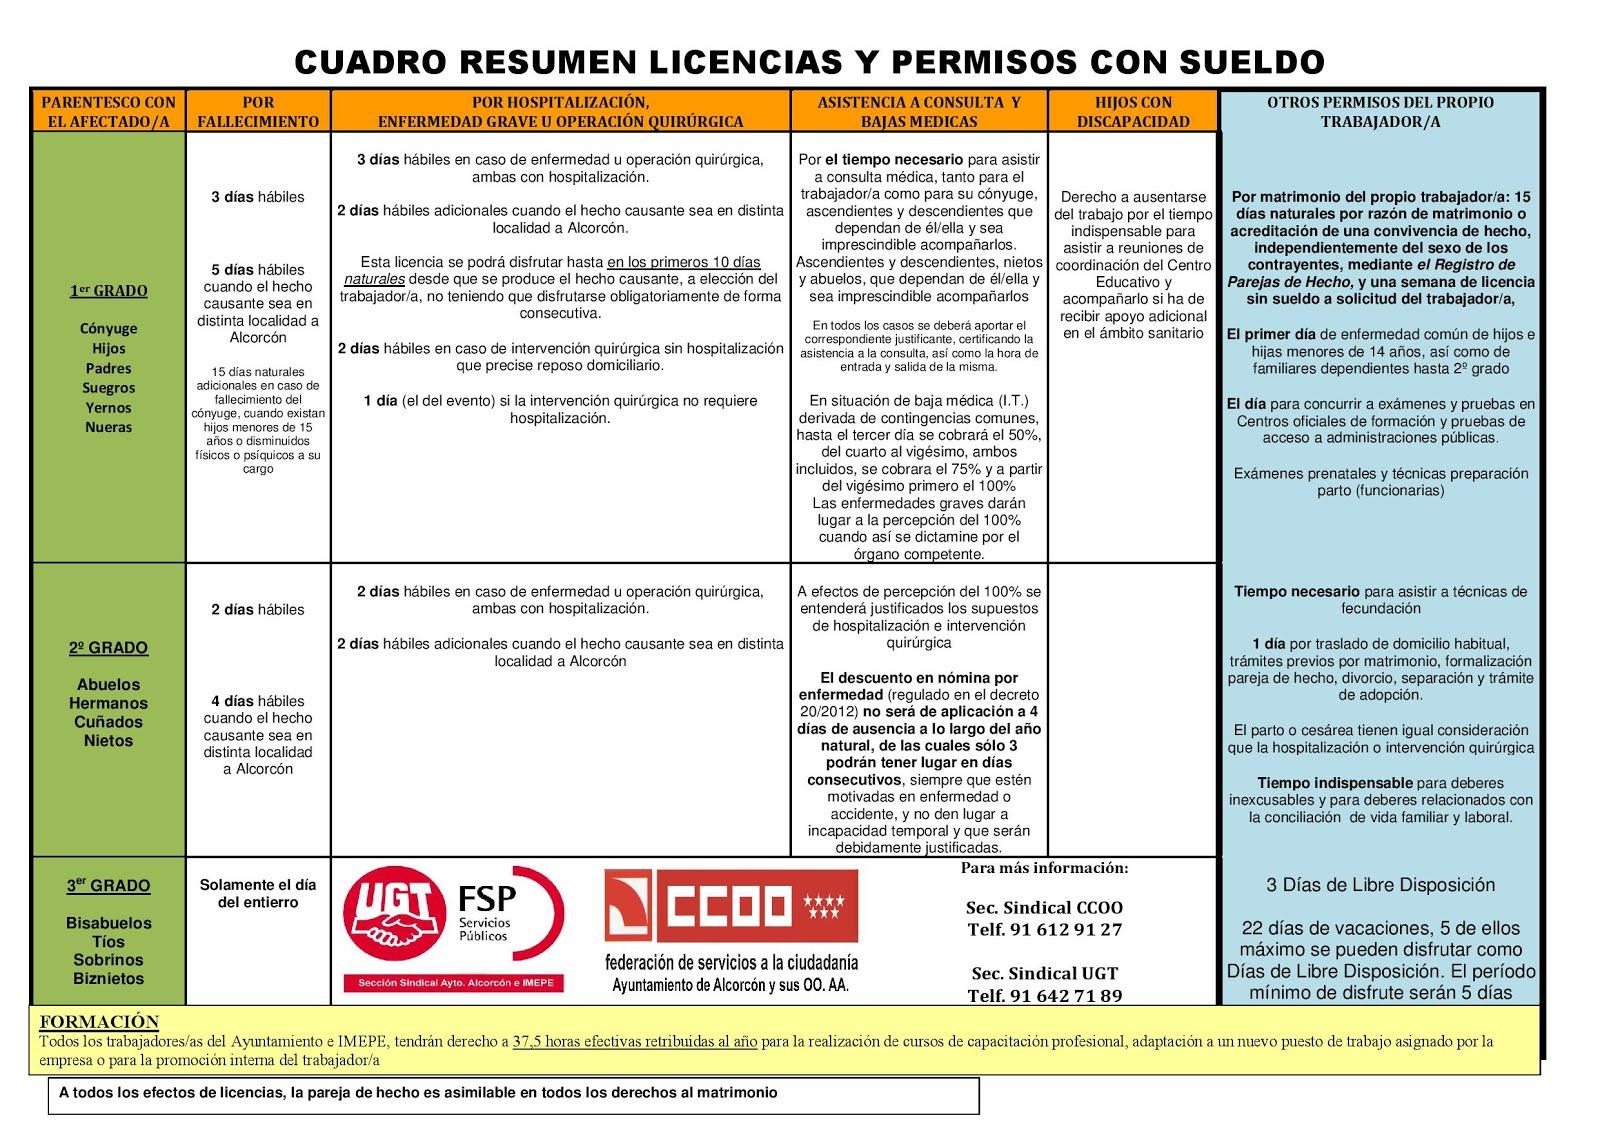 CUADRO DE LICENCIAS Y PERMISOS